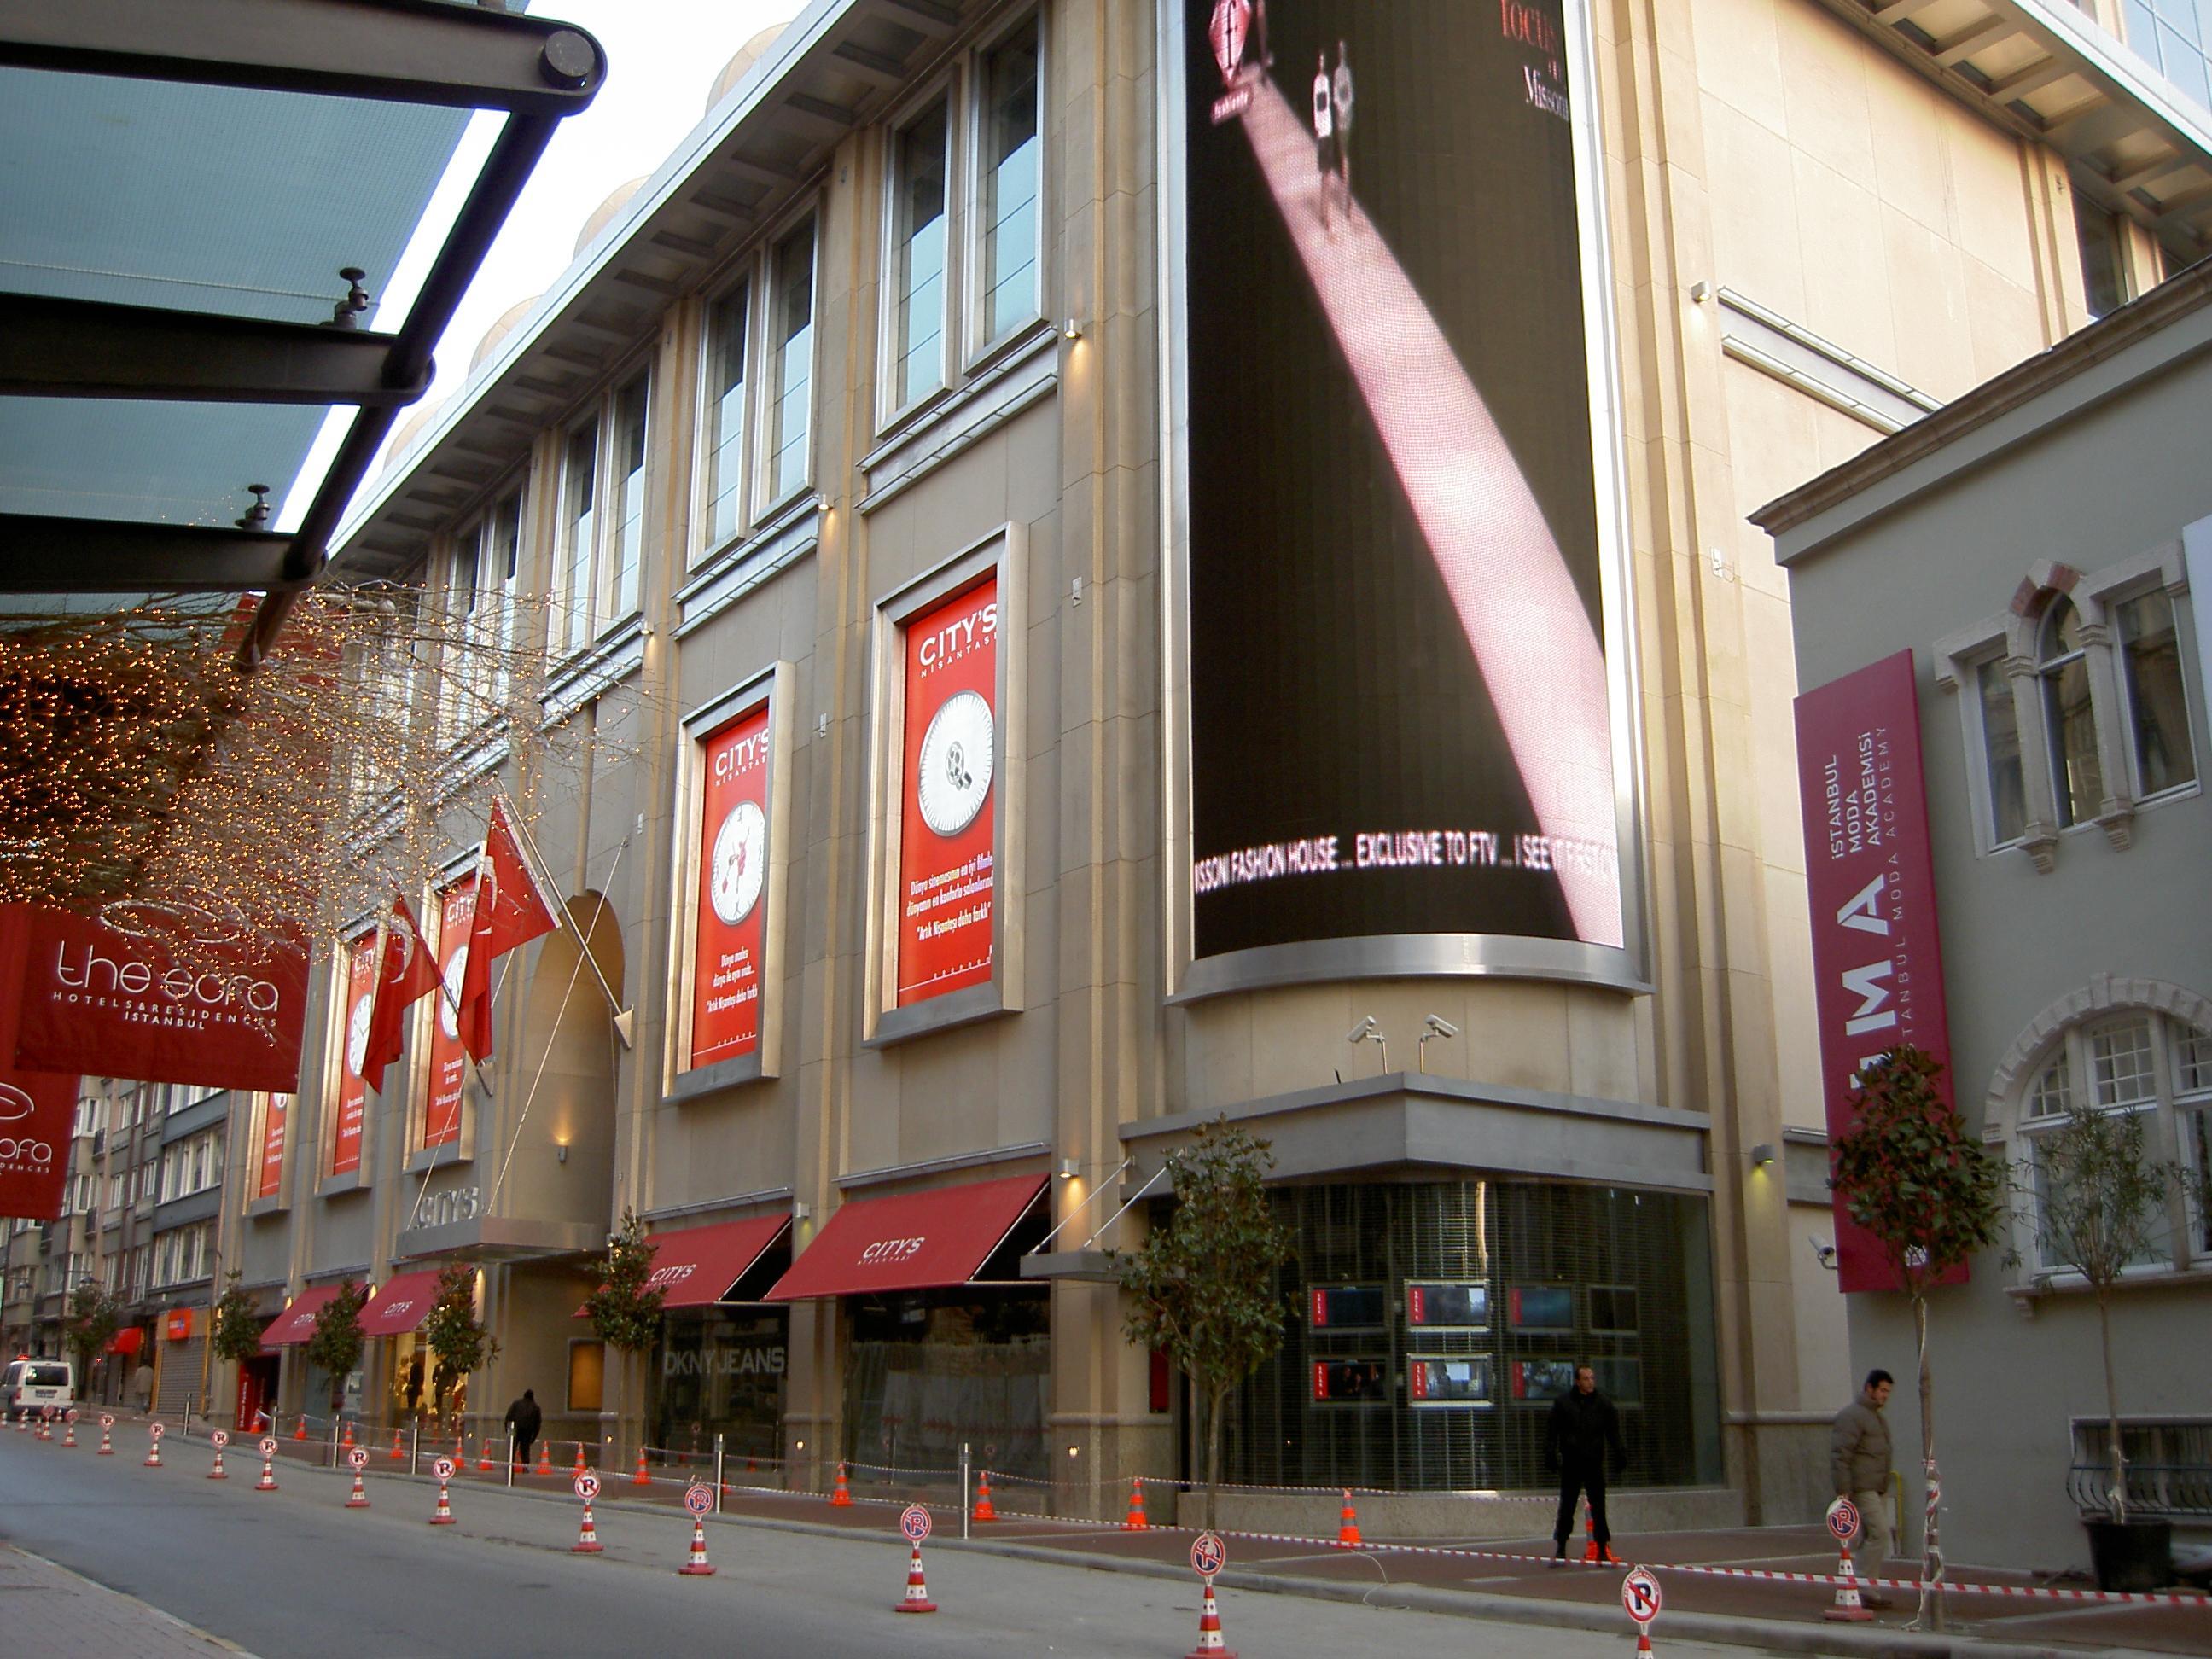 مول سيتيز نيشانتاشي للتسوق في اسطنبول